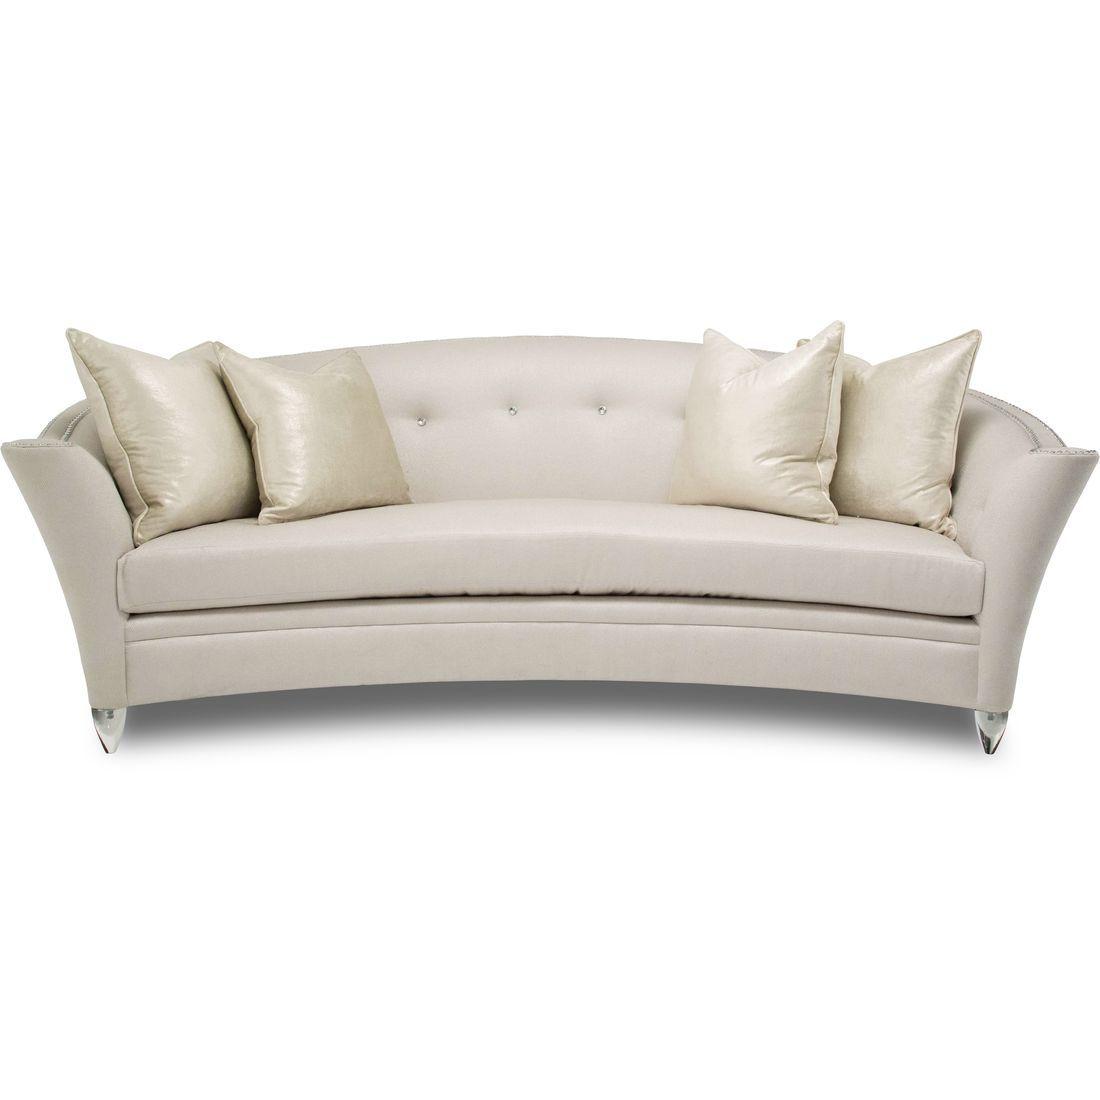 Best Aico Michael Amini Bel Air Park Button Sofa Living Room Set Living Room Sets Button Sofa Sofa 400 x 300